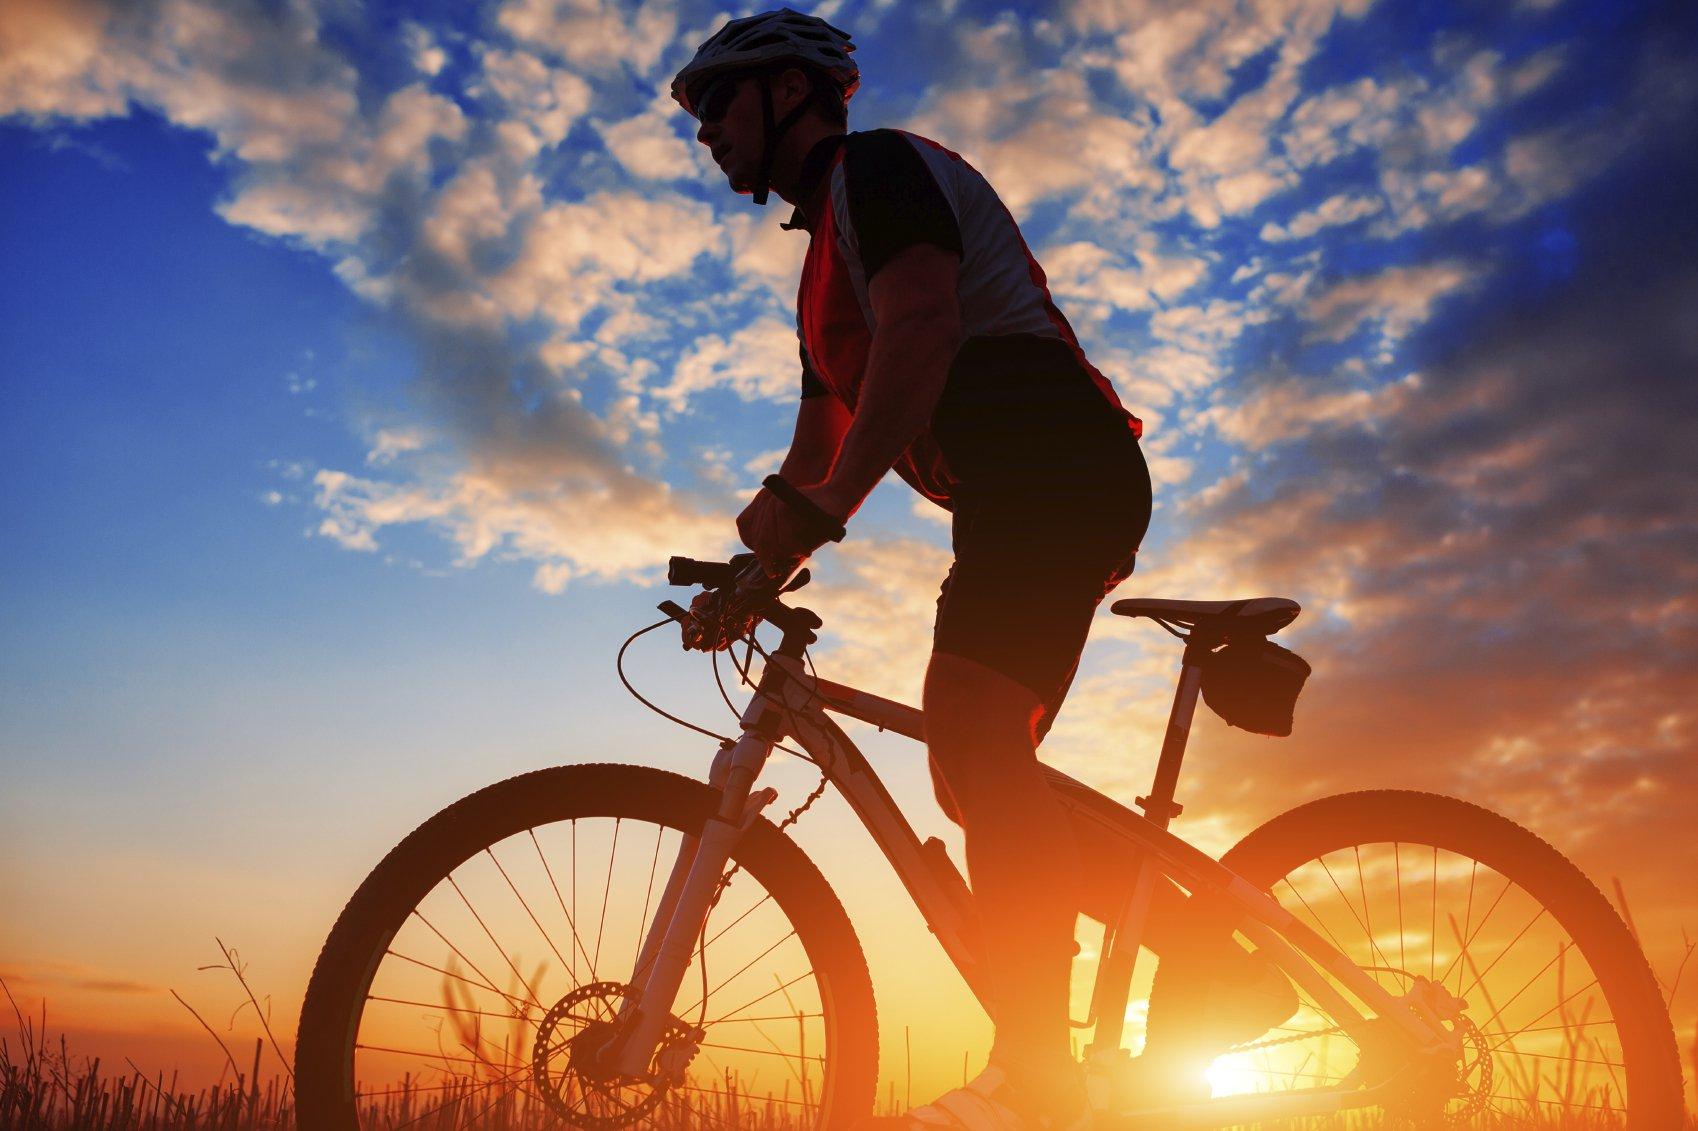 Andar De Bicicleta Emagrece ciclista